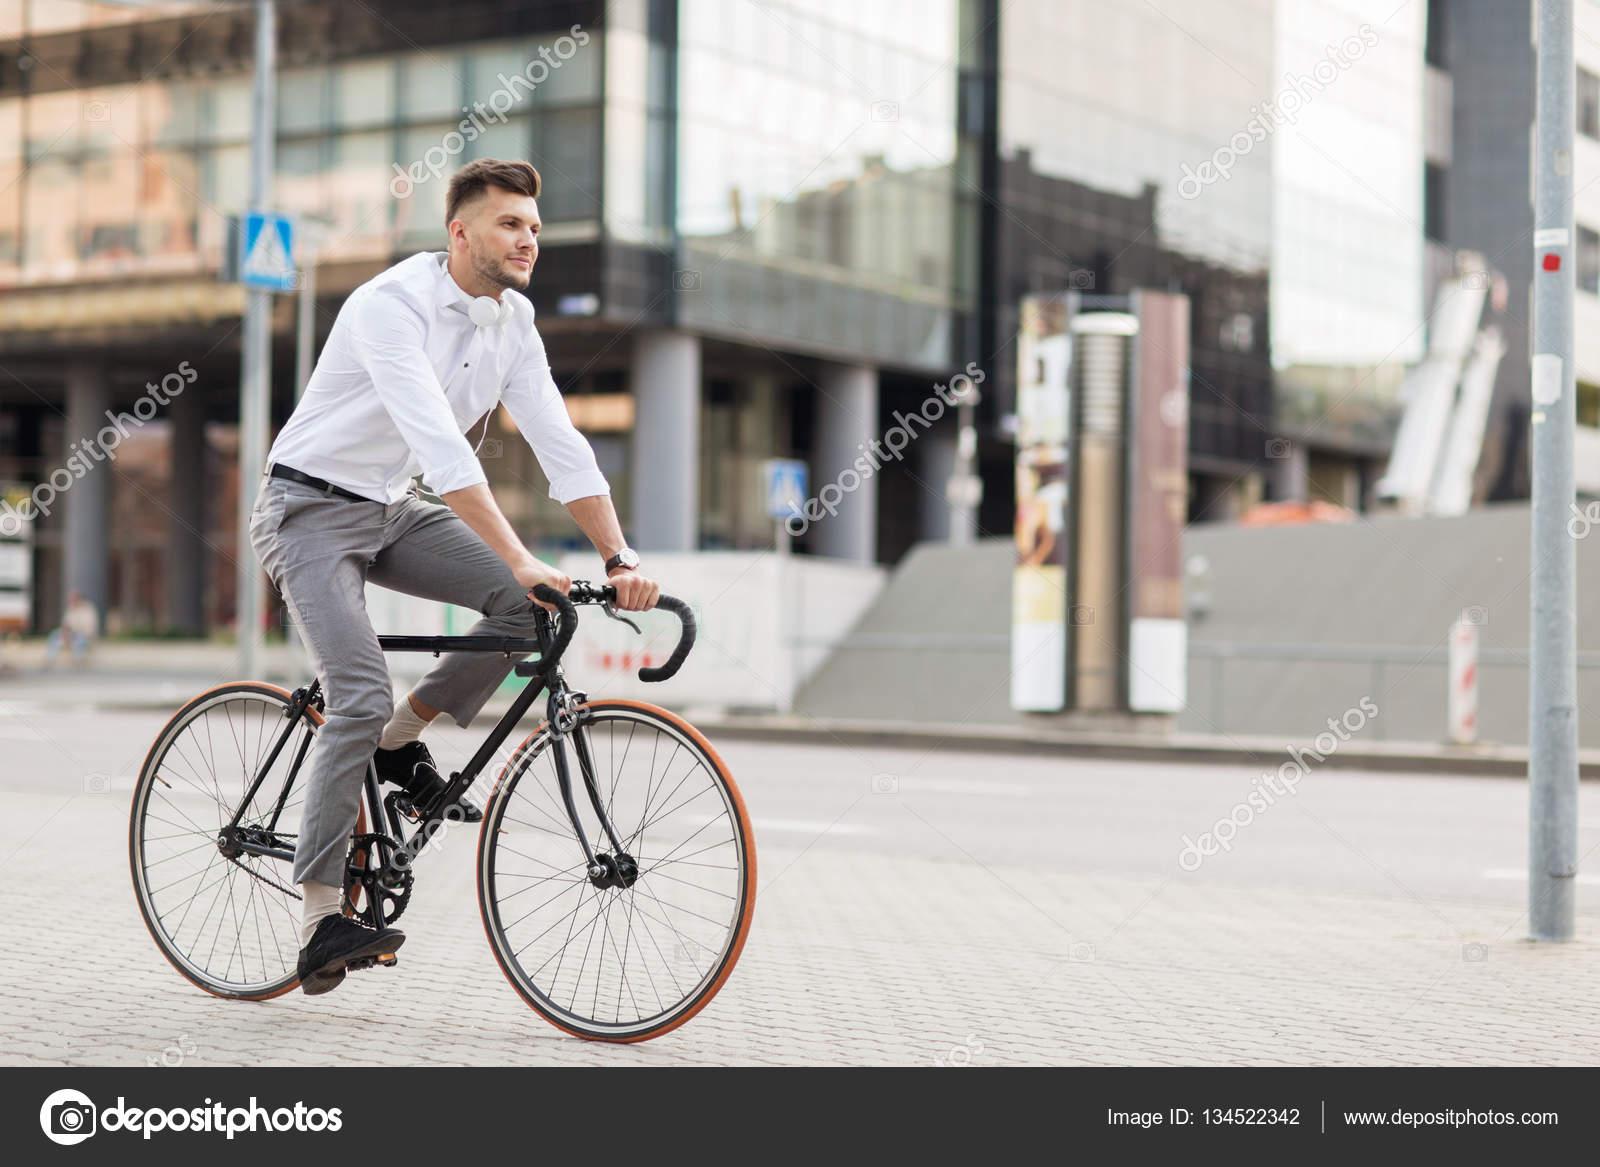 Kopfhörer beim fahrradfahren